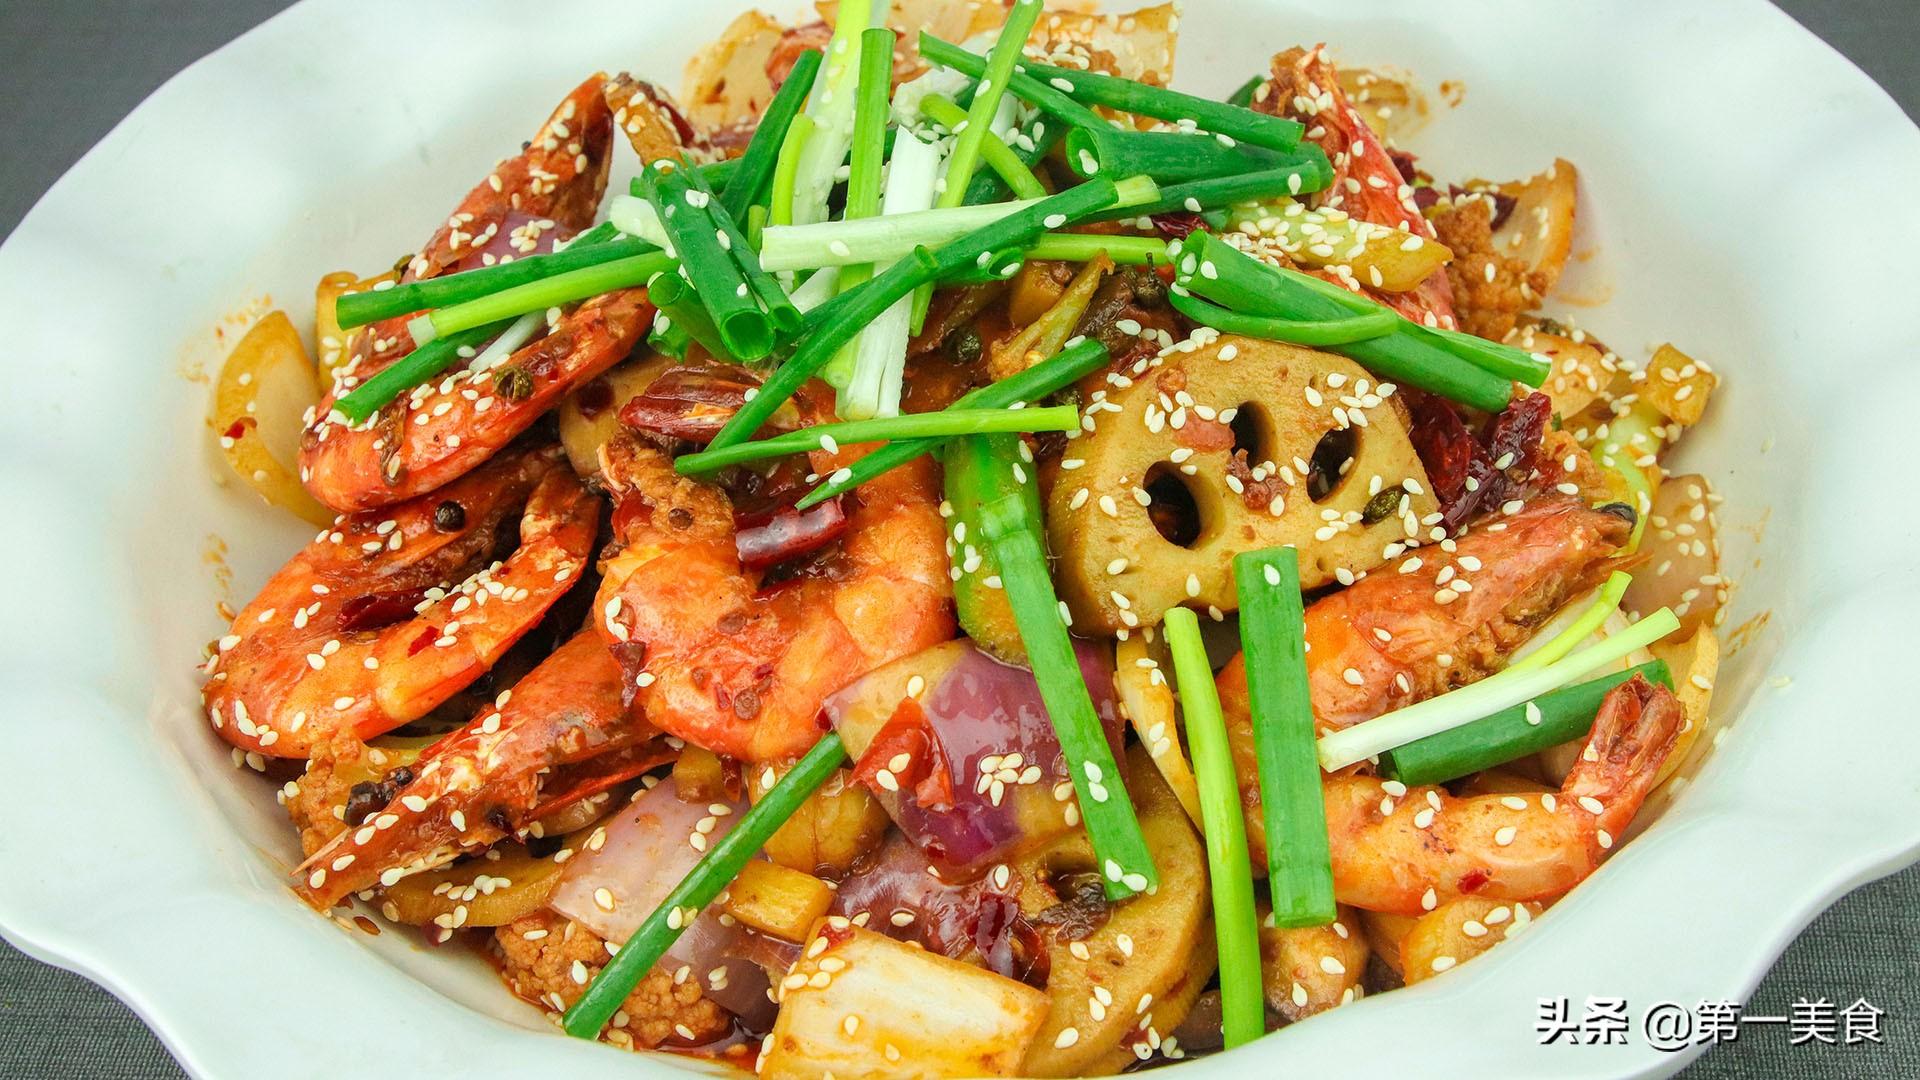 麻辣香锅怎么做才好吃,原来这么简单,学会这个技巧,色泽鲜艳 第12张